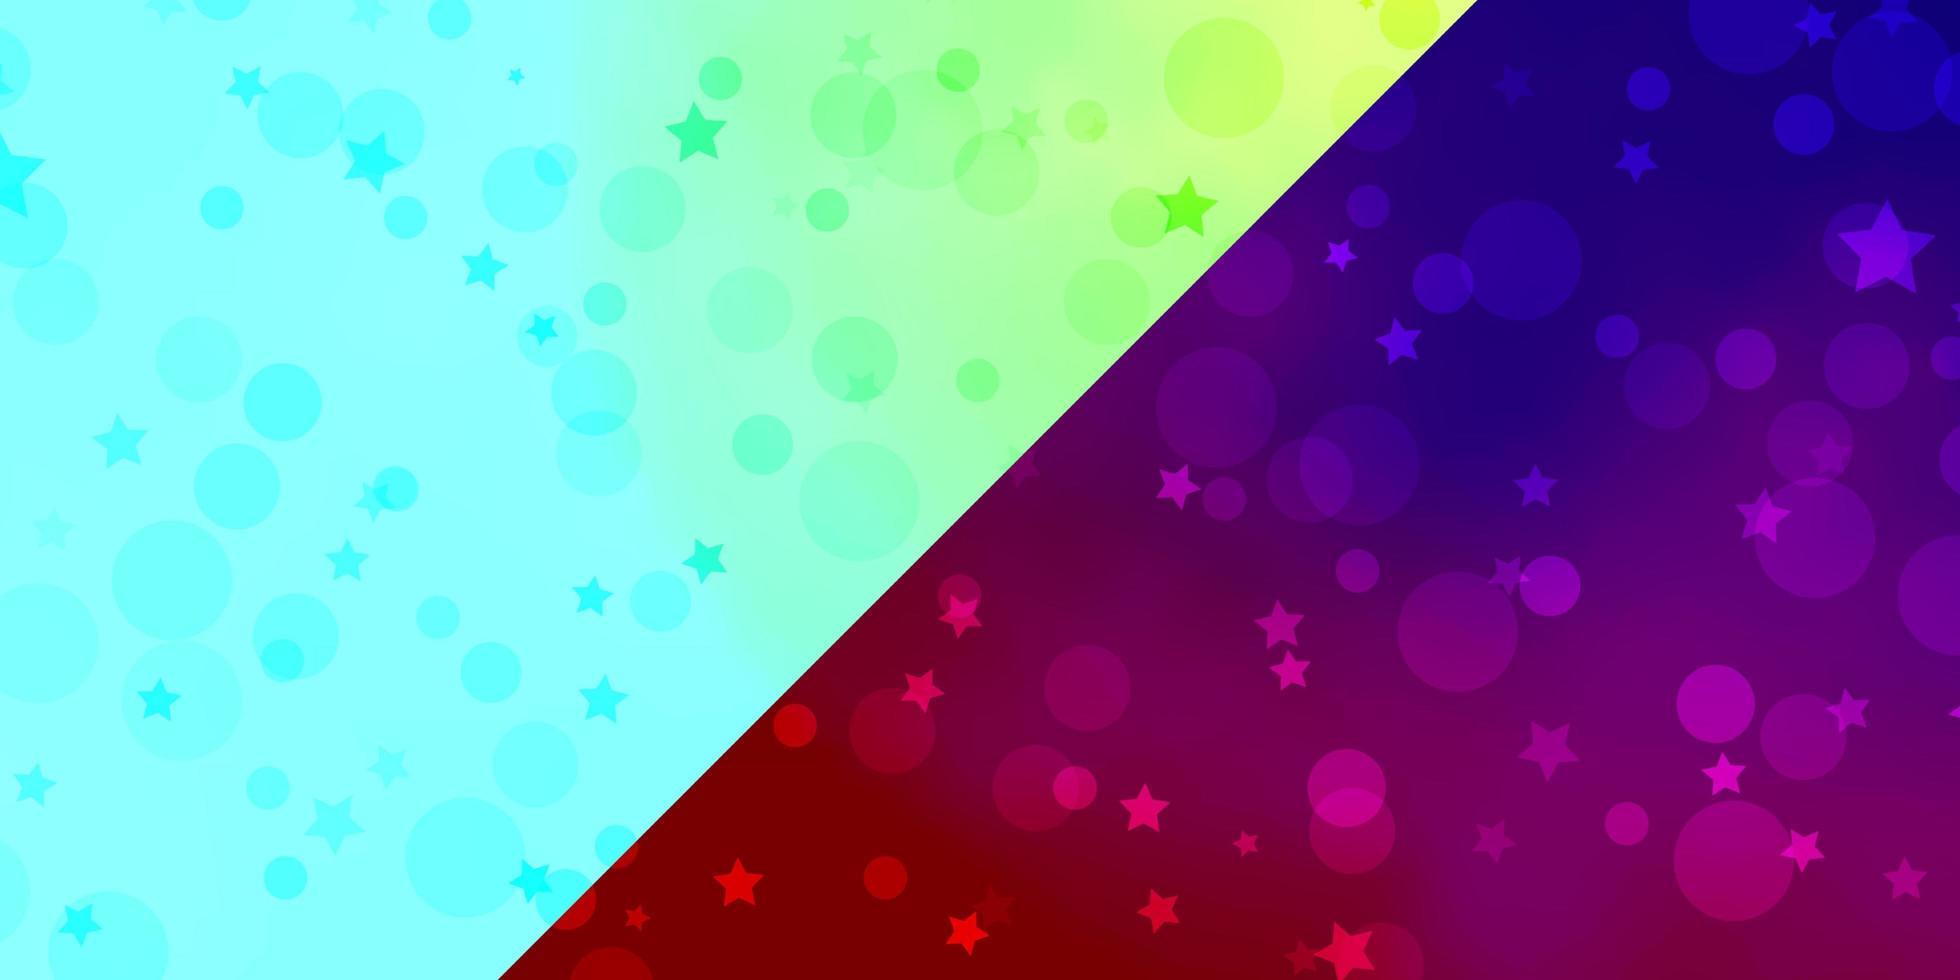 Textur mit Kreisen und Sternen. vektor